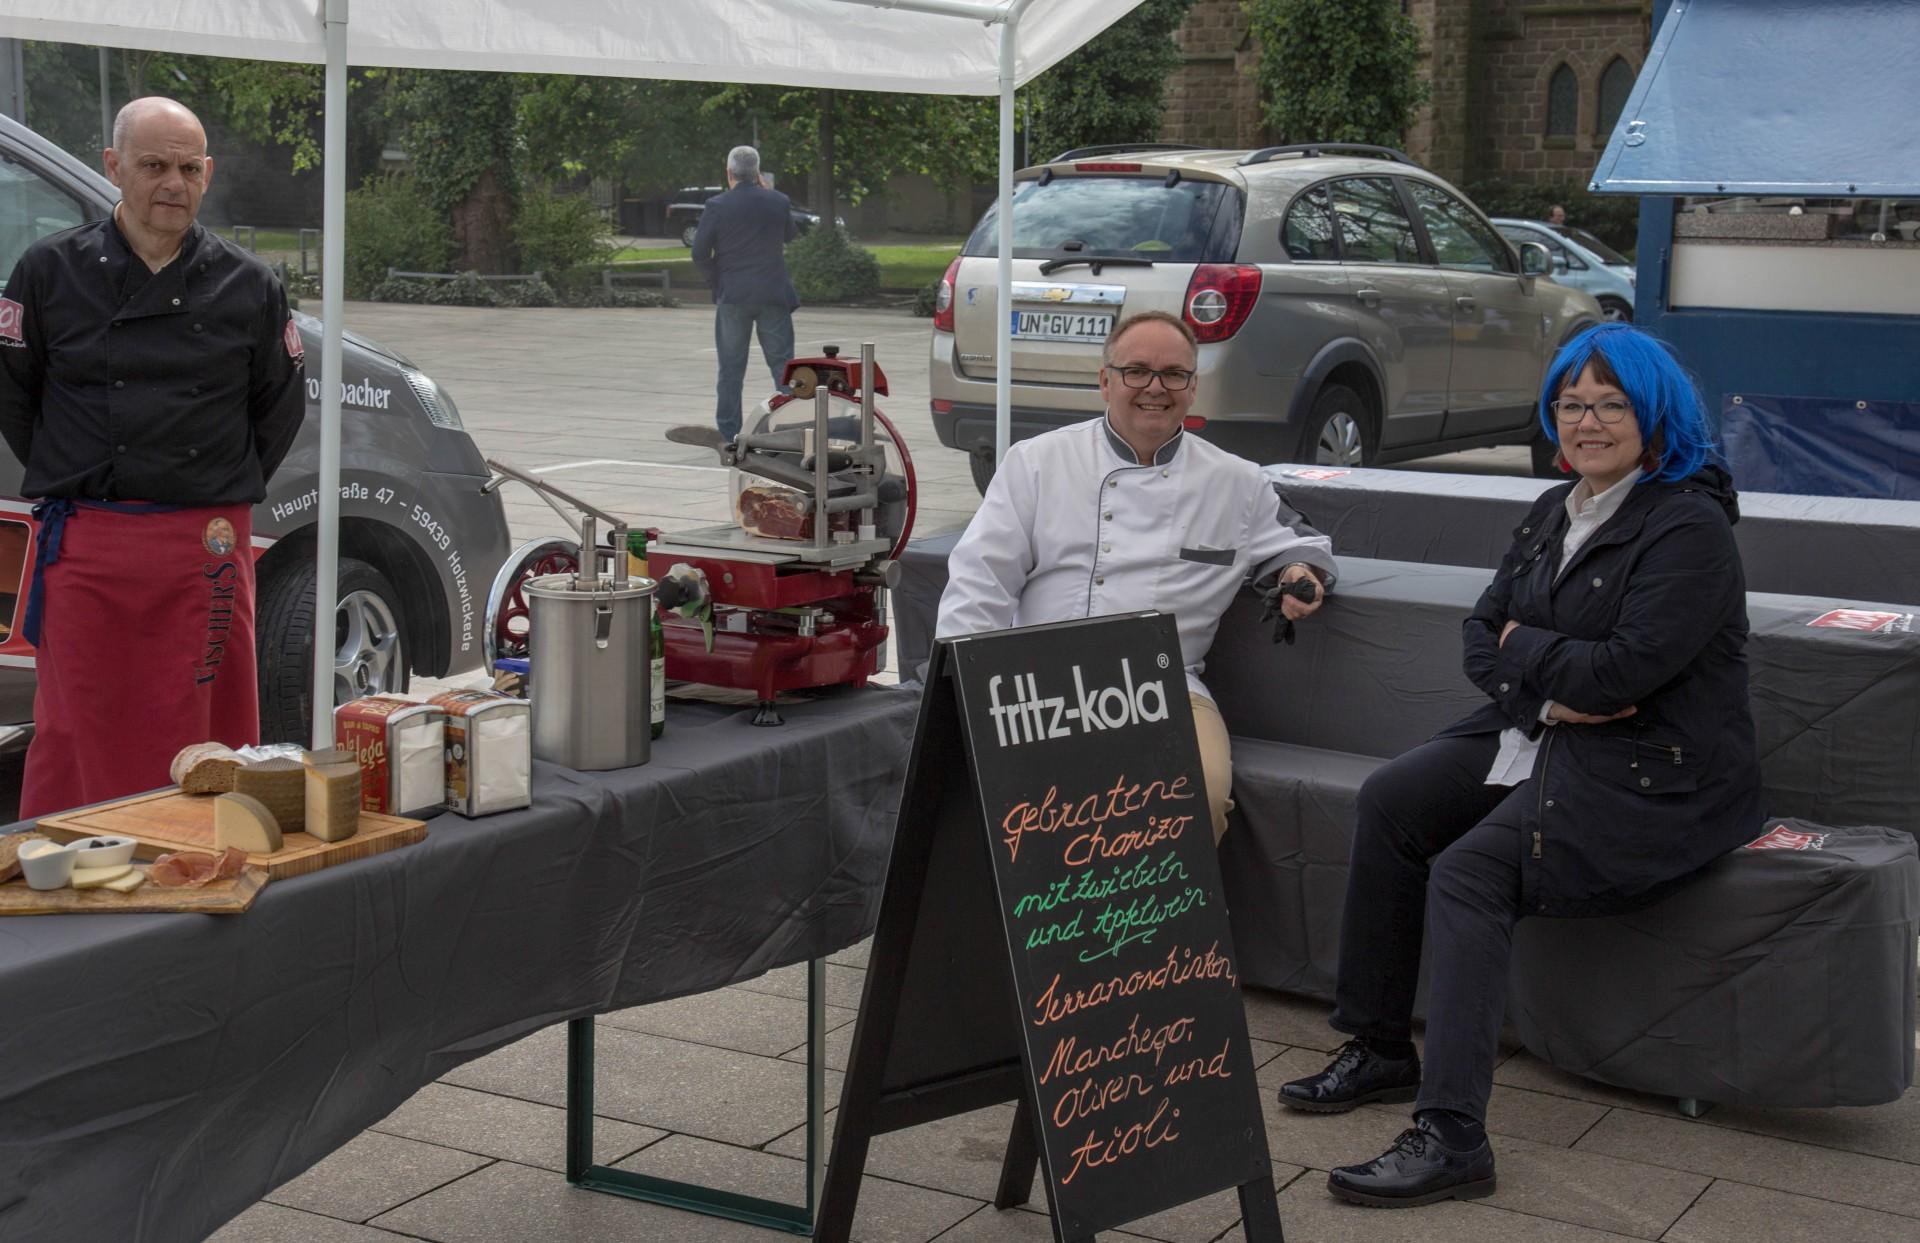 Französisch-spanische Gespräche: Freundeskreis-Geschäftsführerin Ute Hake (ebenfalls mit blauer Perücke) am Stand von Vivo-Gastronom Jens Reckermann (M.). (Foto: P. Gräber - Emscherblog.de)